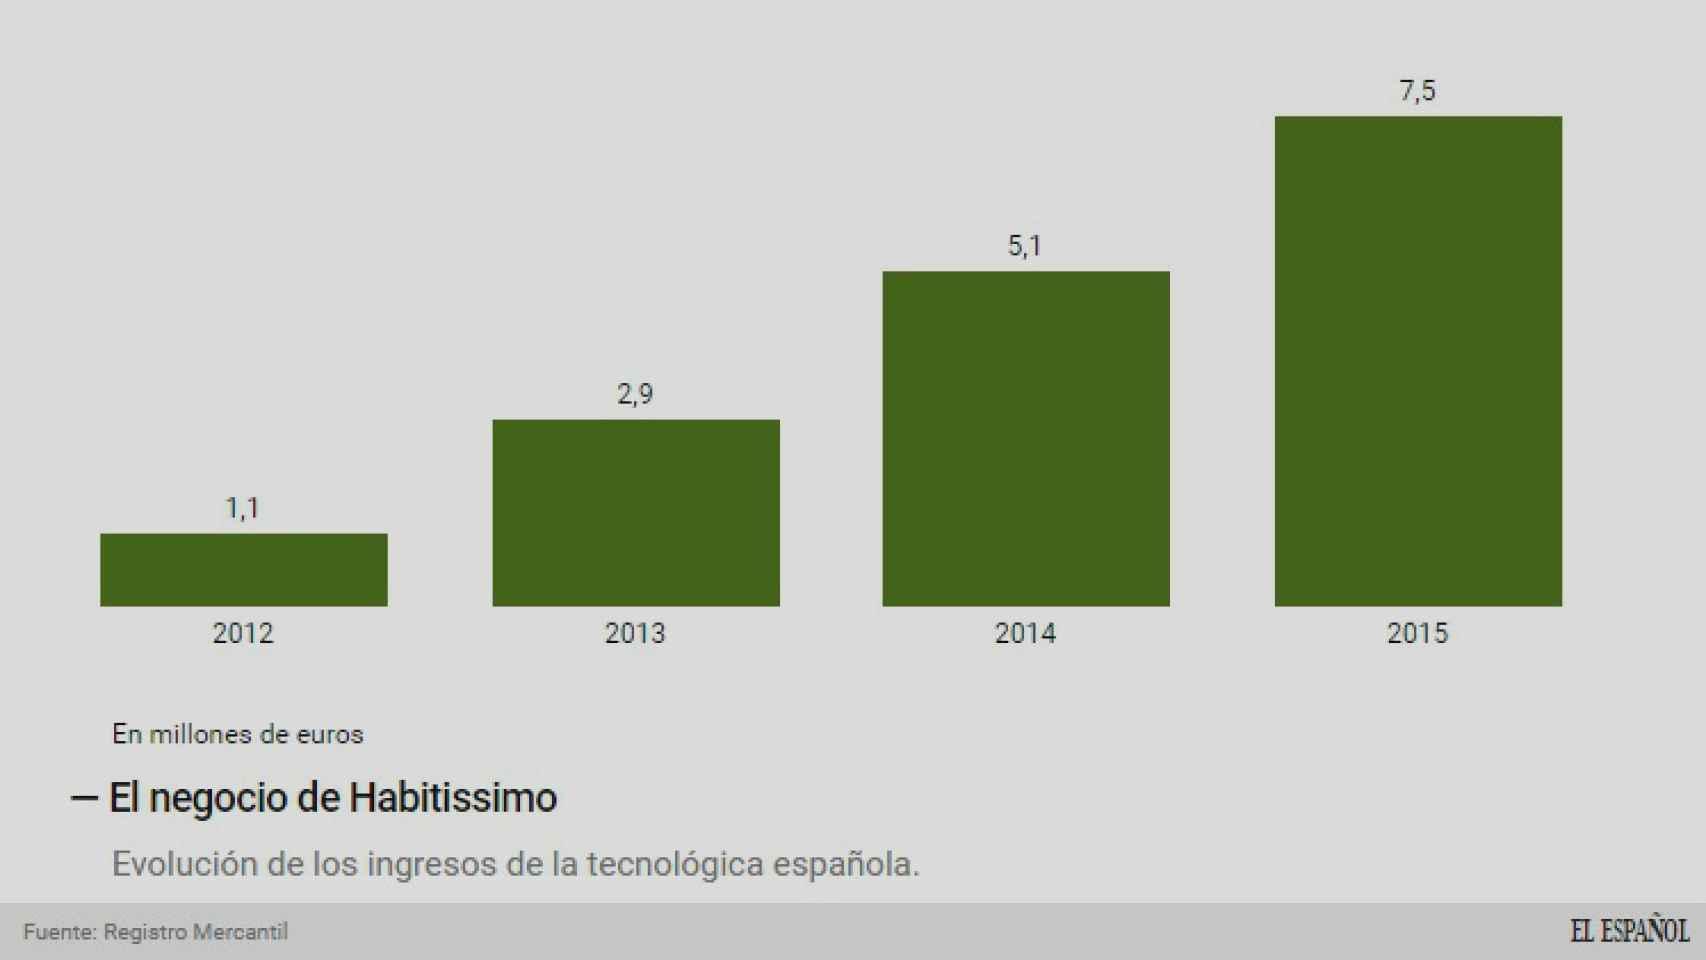 Evolución del negocio de Habitissimo.